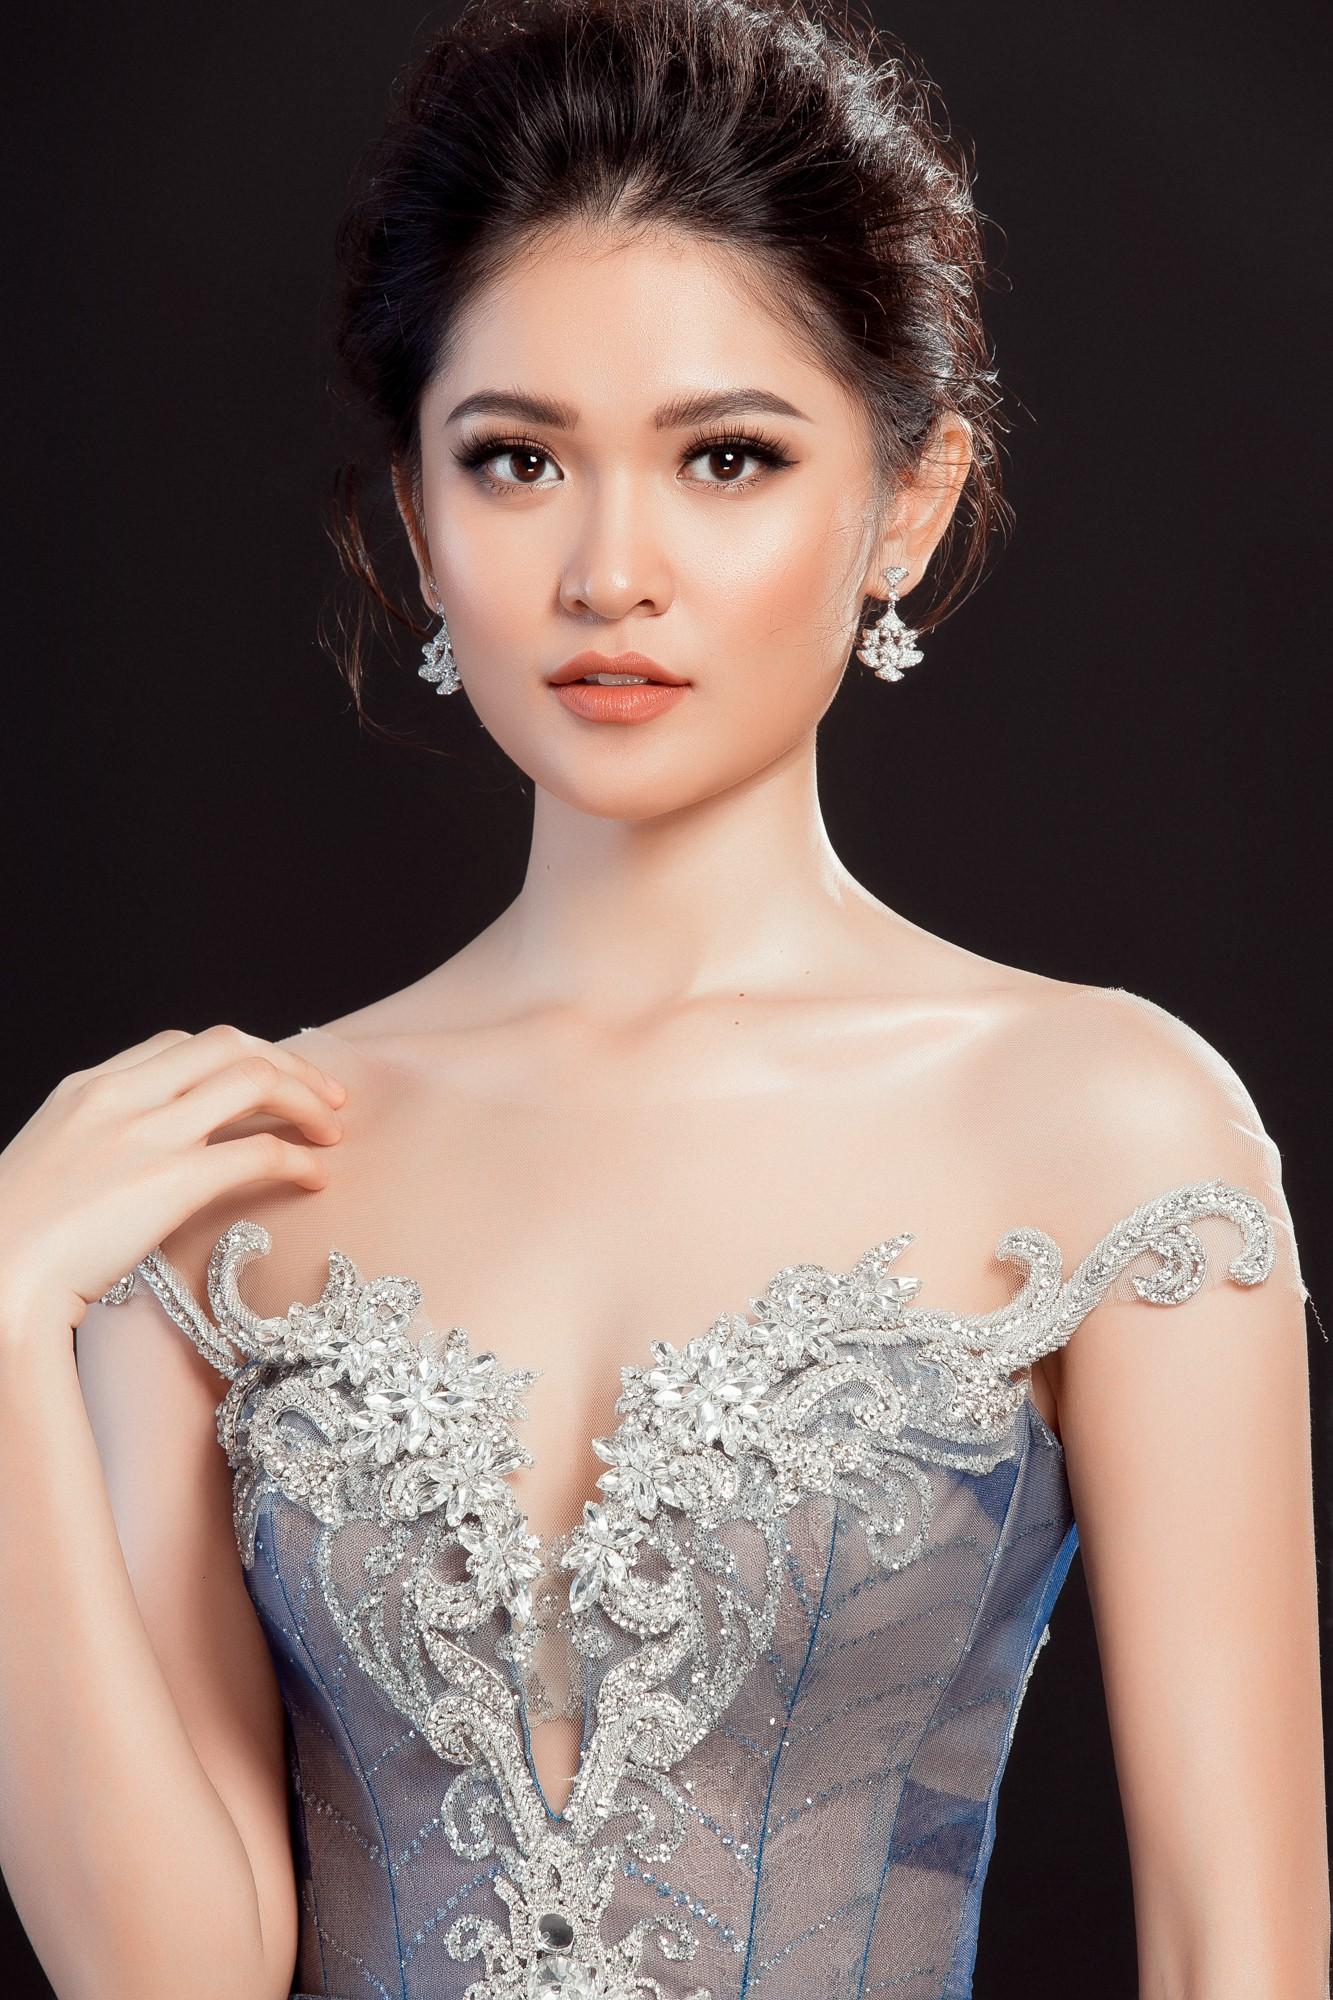 Á hậu Thùy Dung lộng lẫy như công chúa trong đầm dạ hội chính thức tại chung kết Miss International 2017 - Ảnh 4.